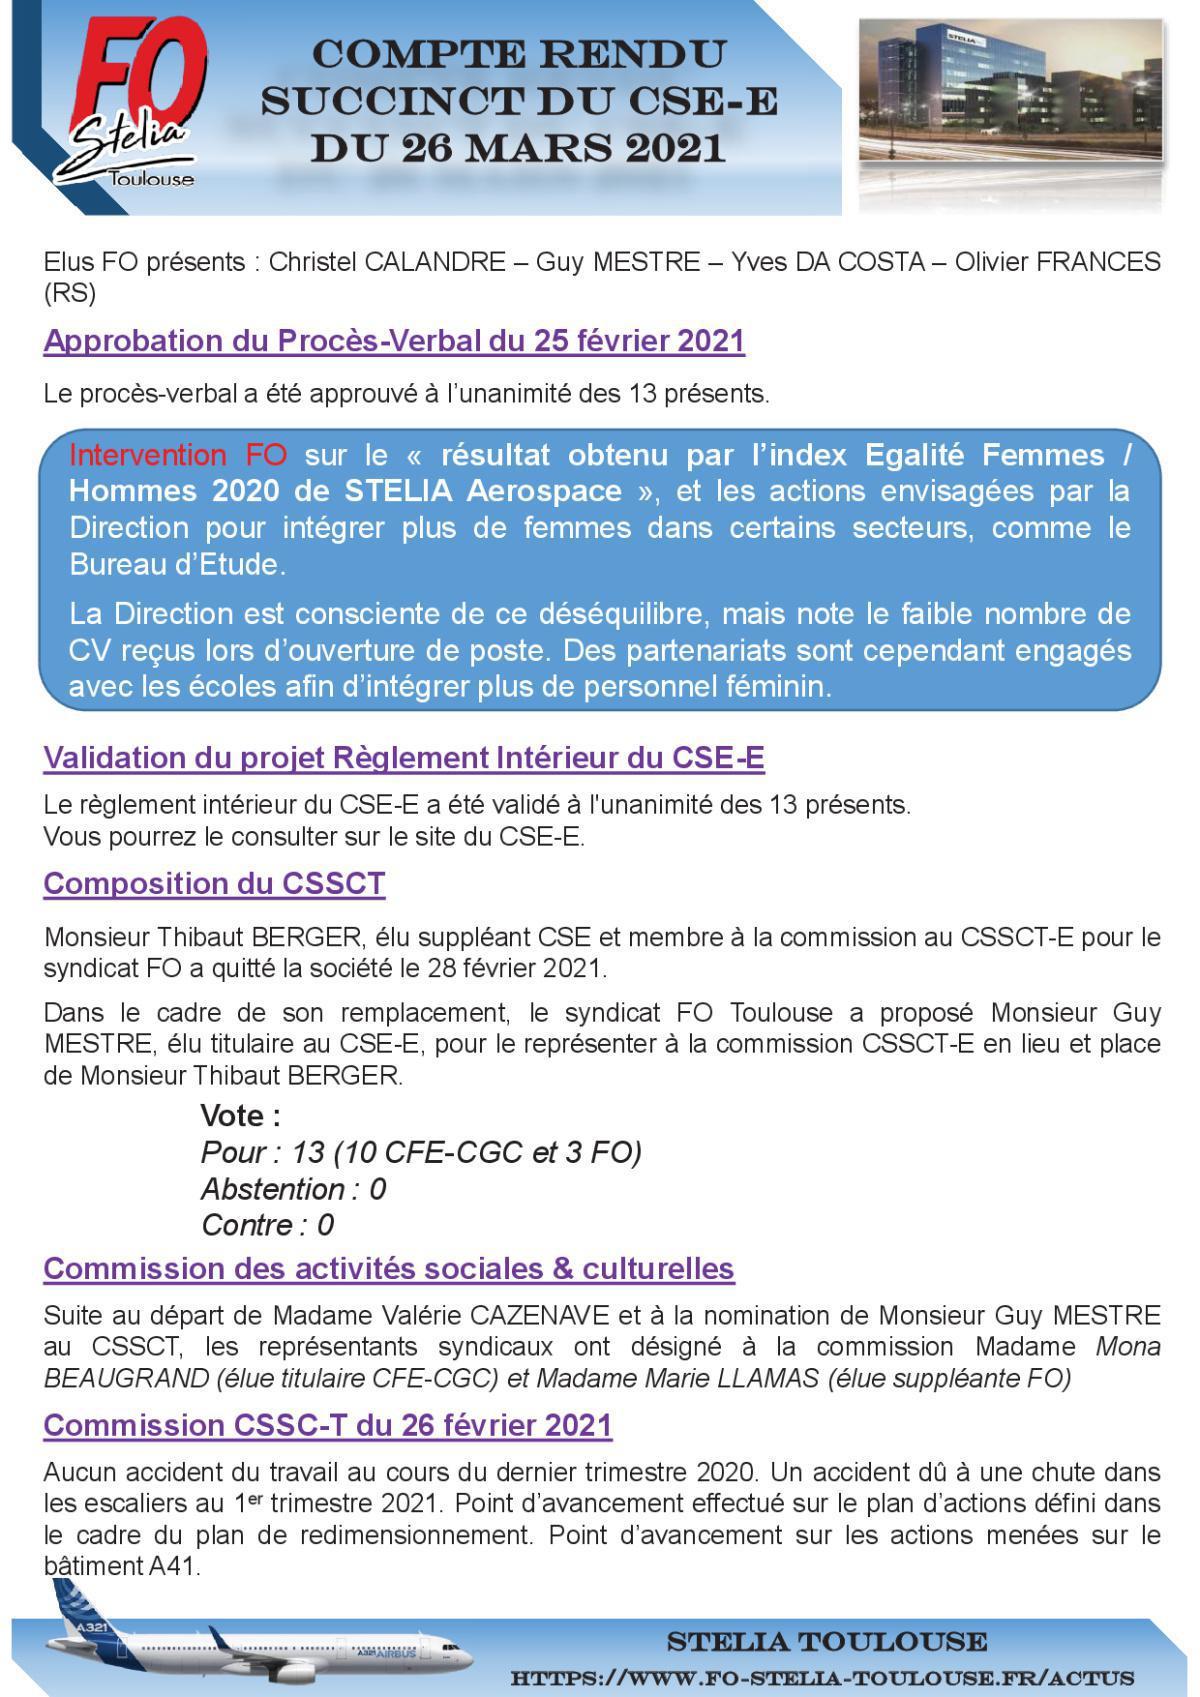 Compte Rendu CSE-E du 26 Mars 2021